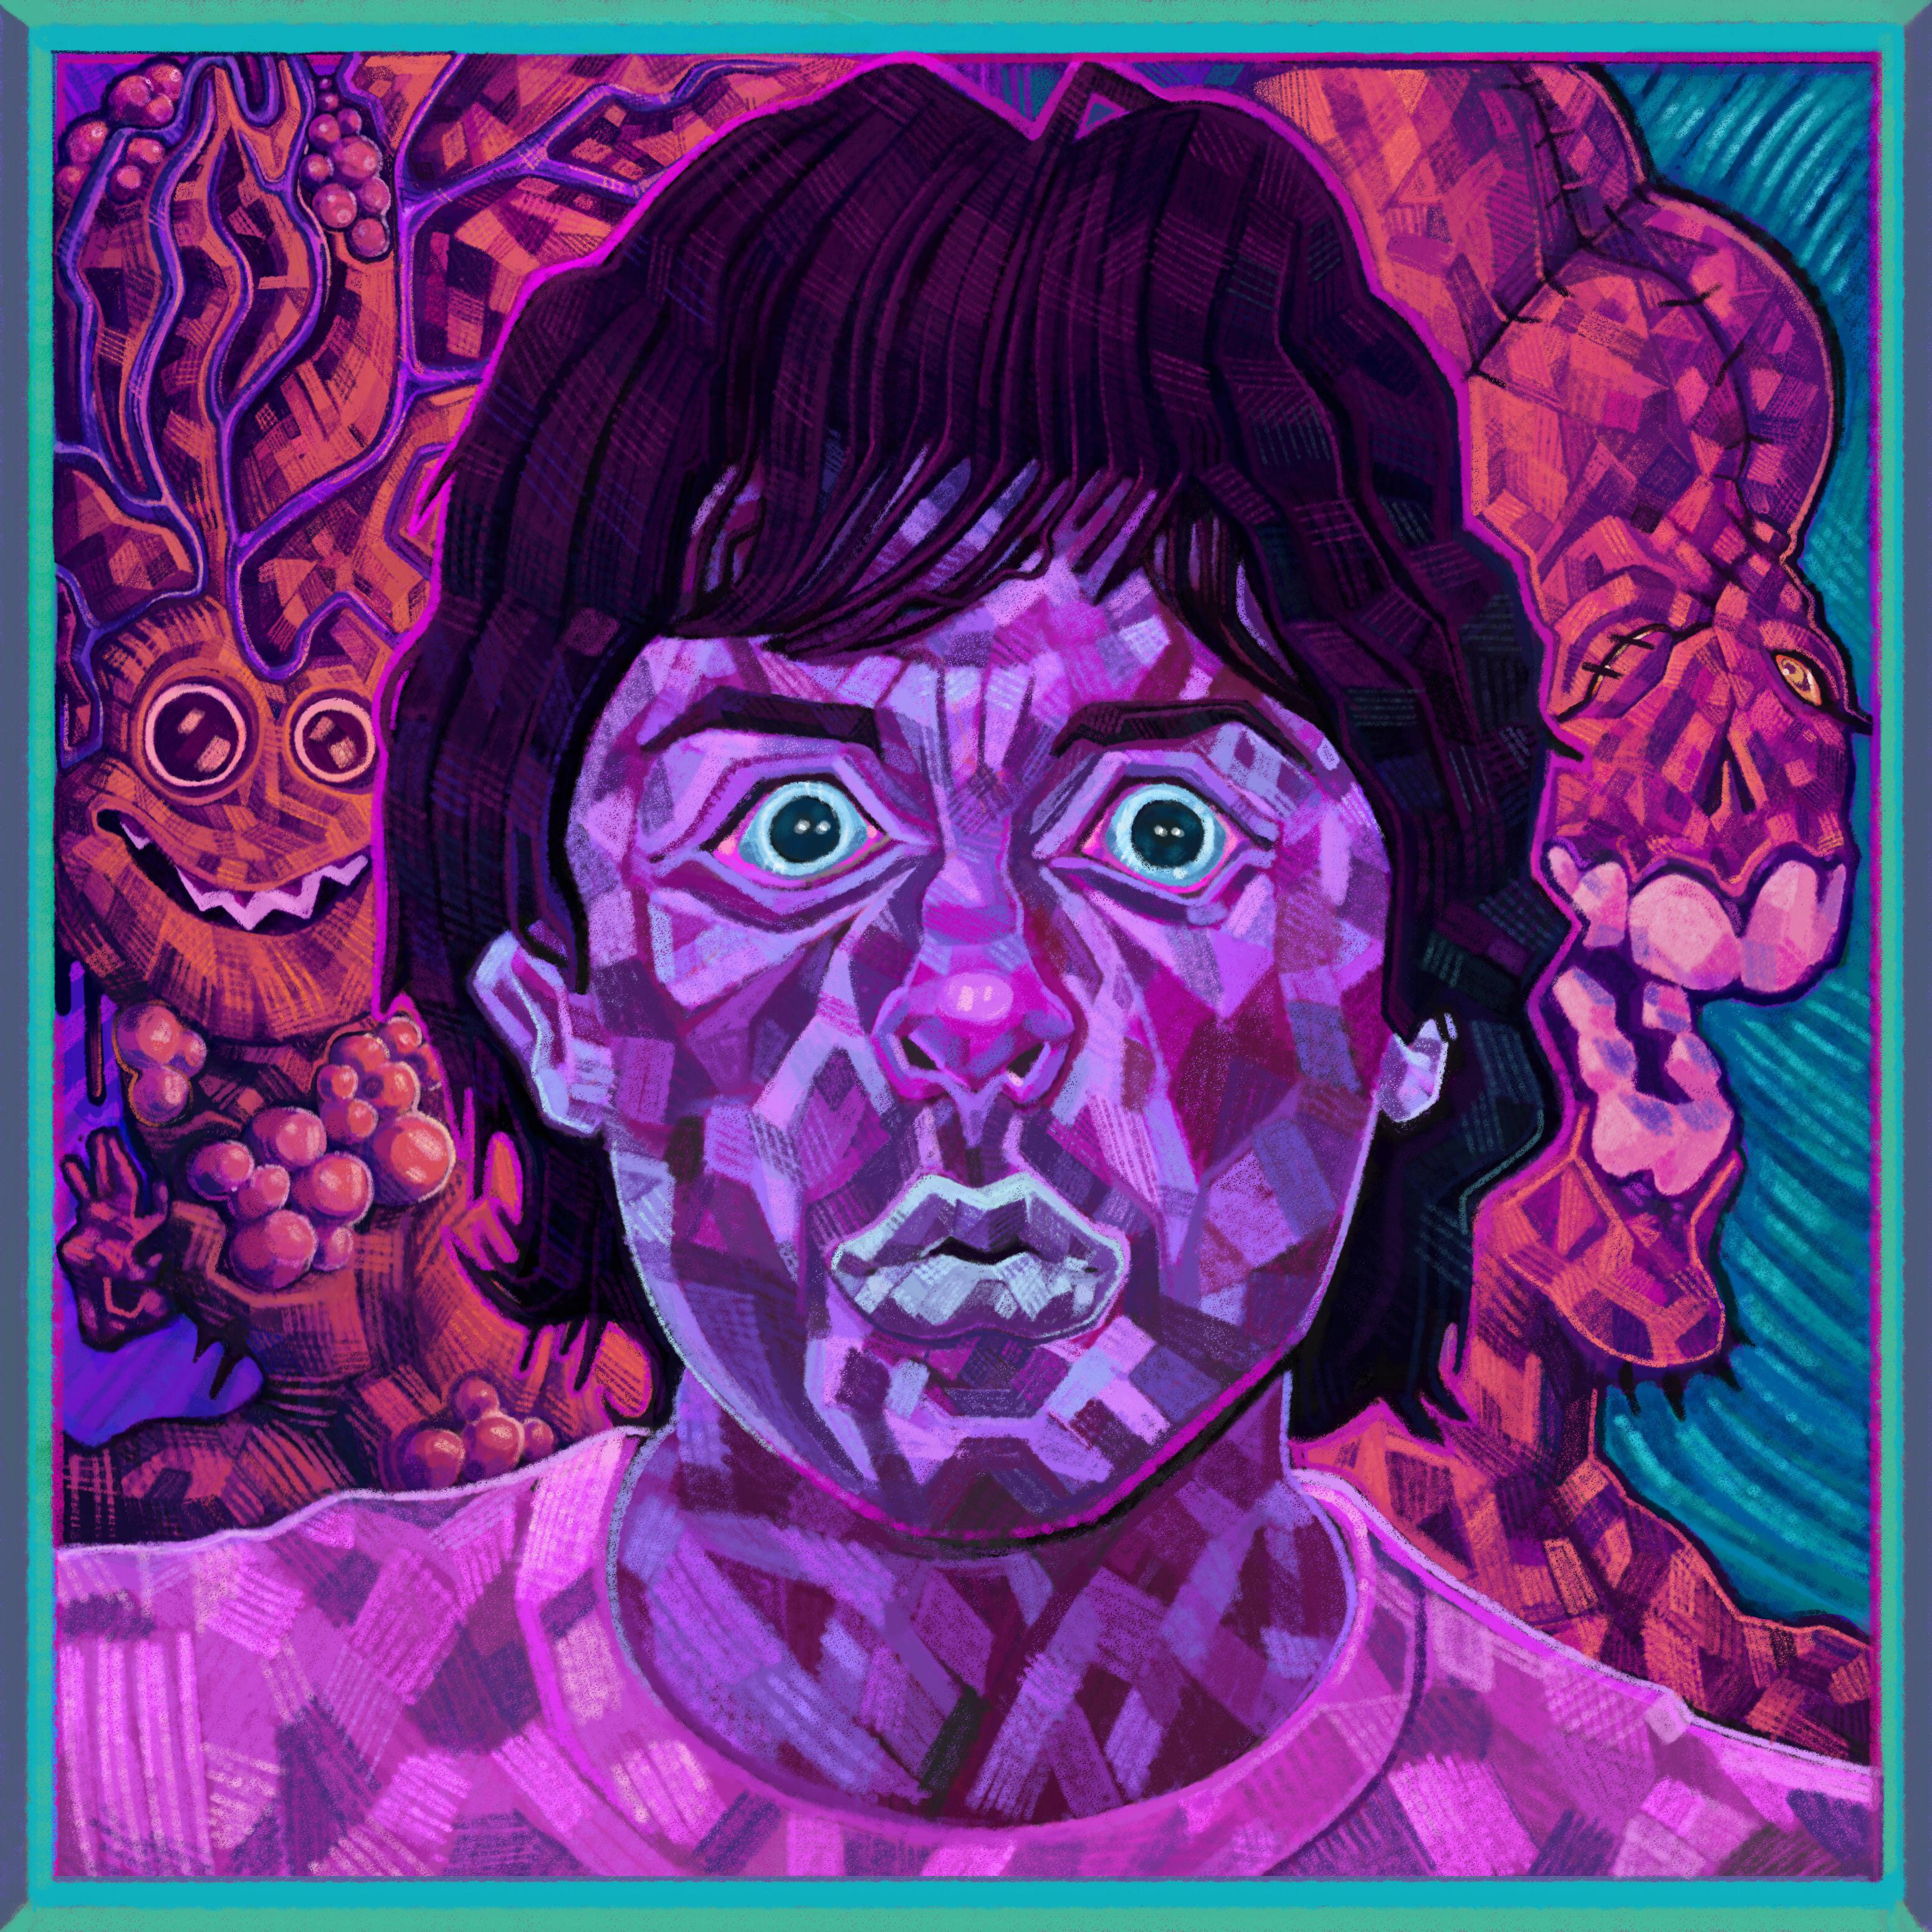 The McCartney ii